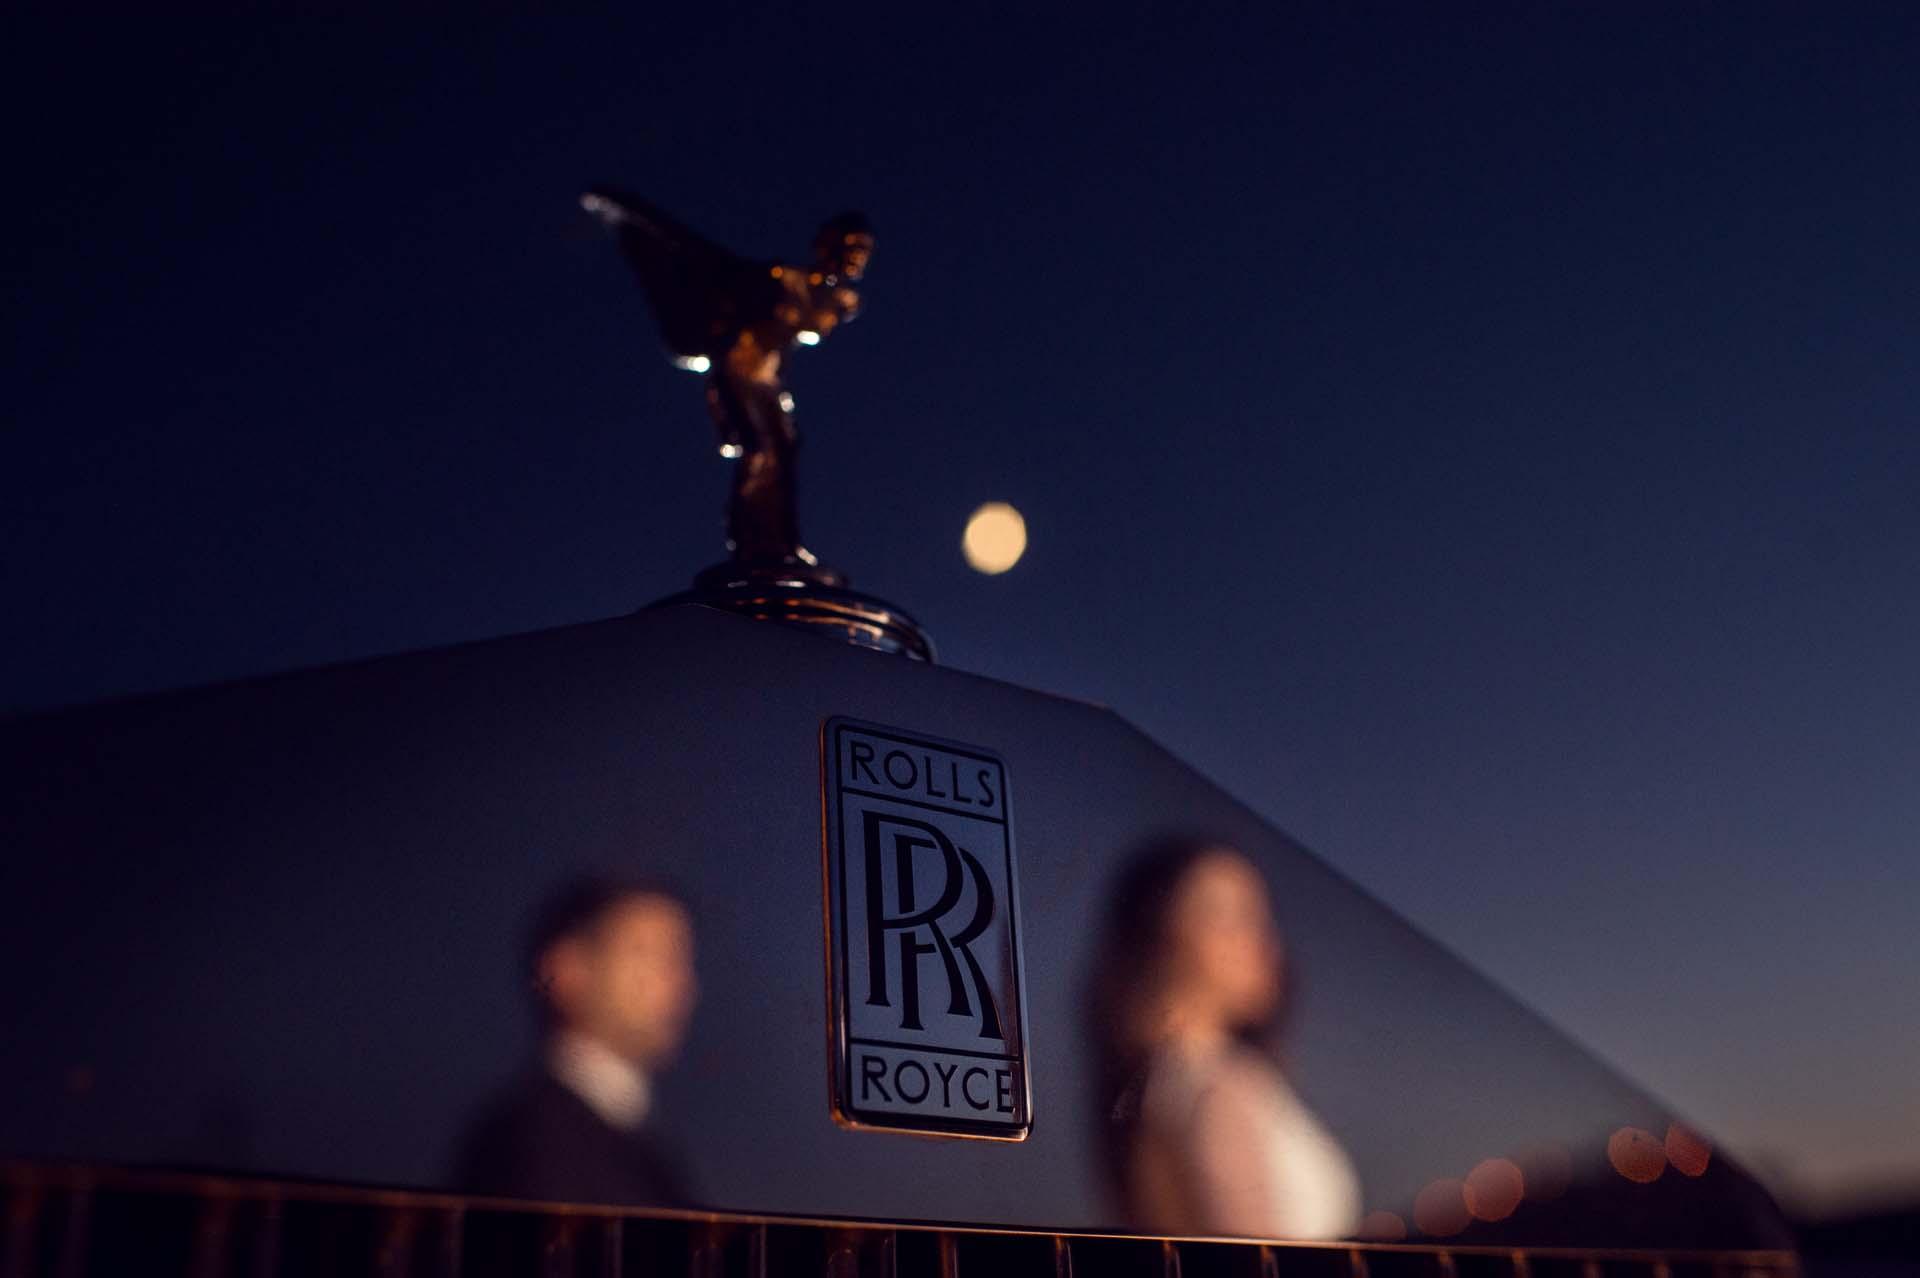 Rolls Royce 30